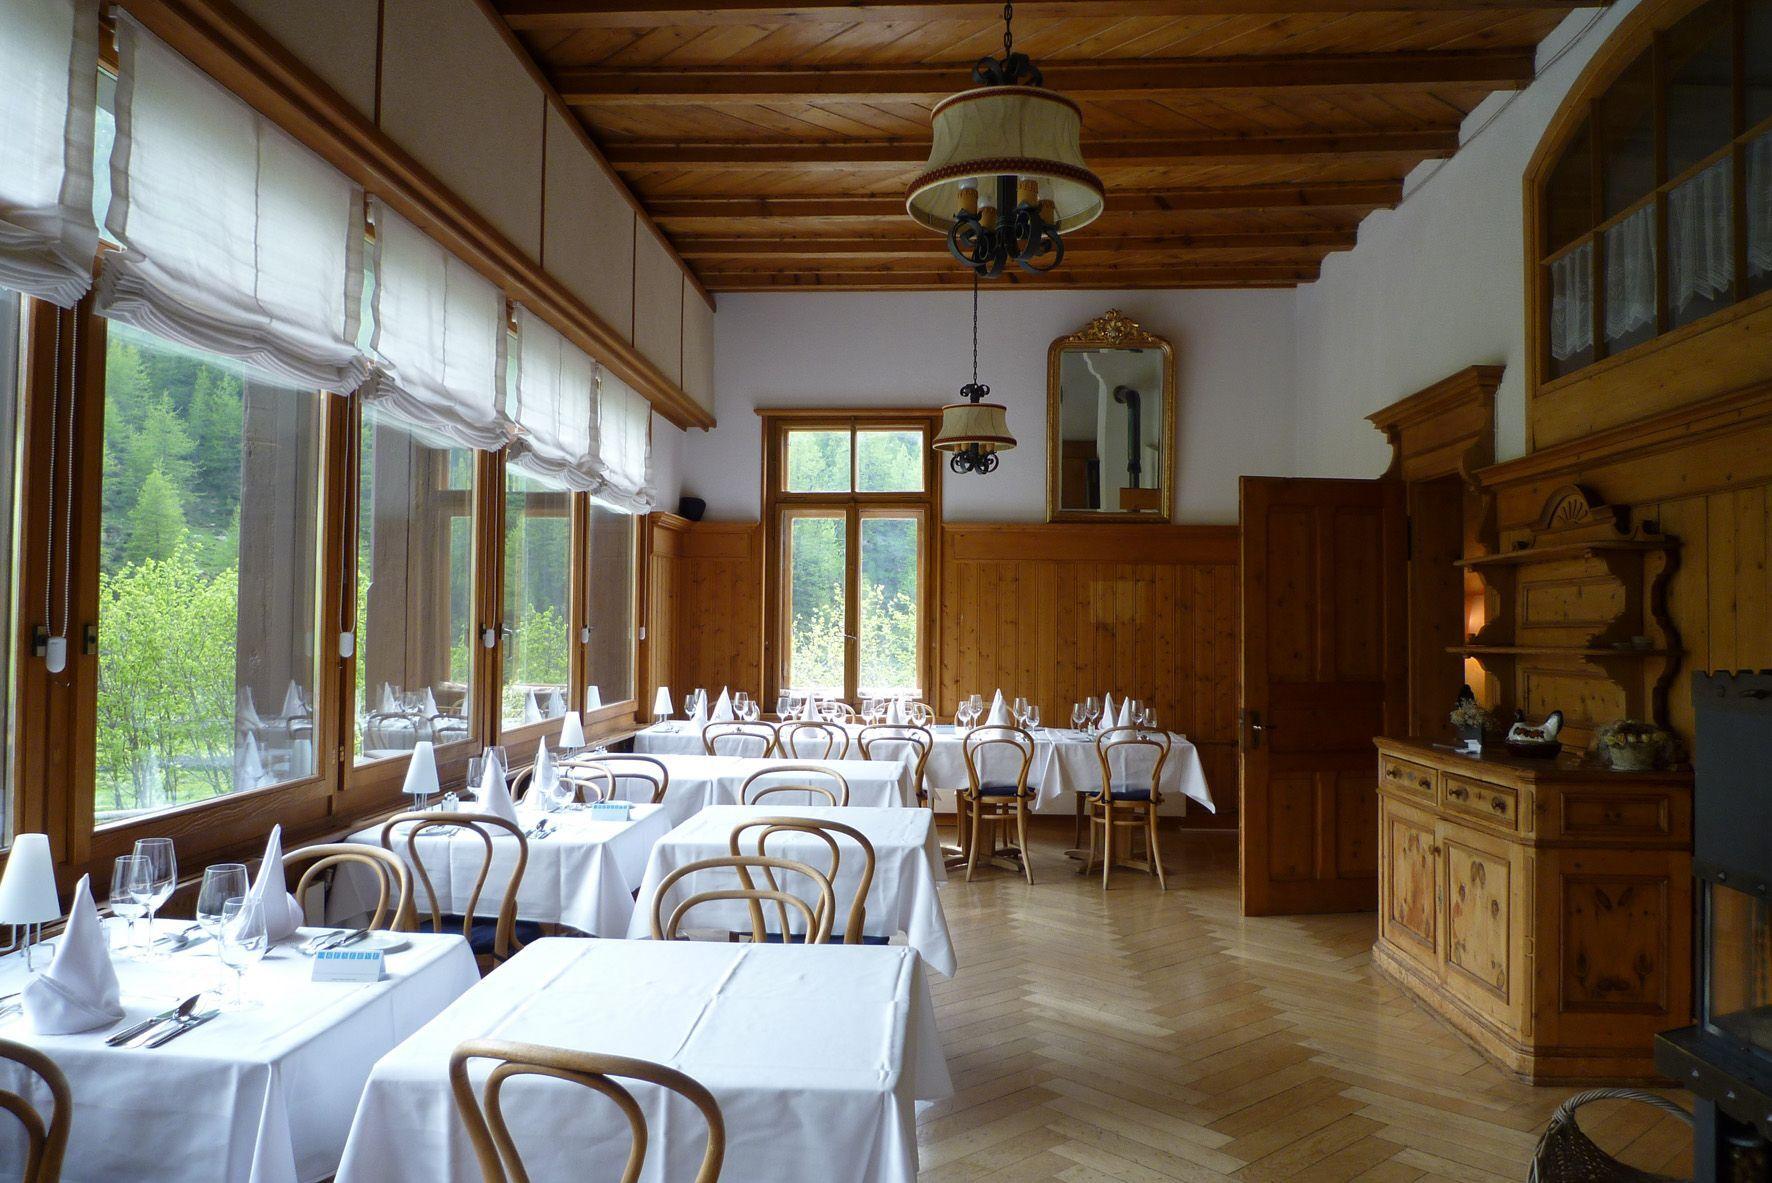 Hotel Fex Berghotel & Restaurant Slide 1